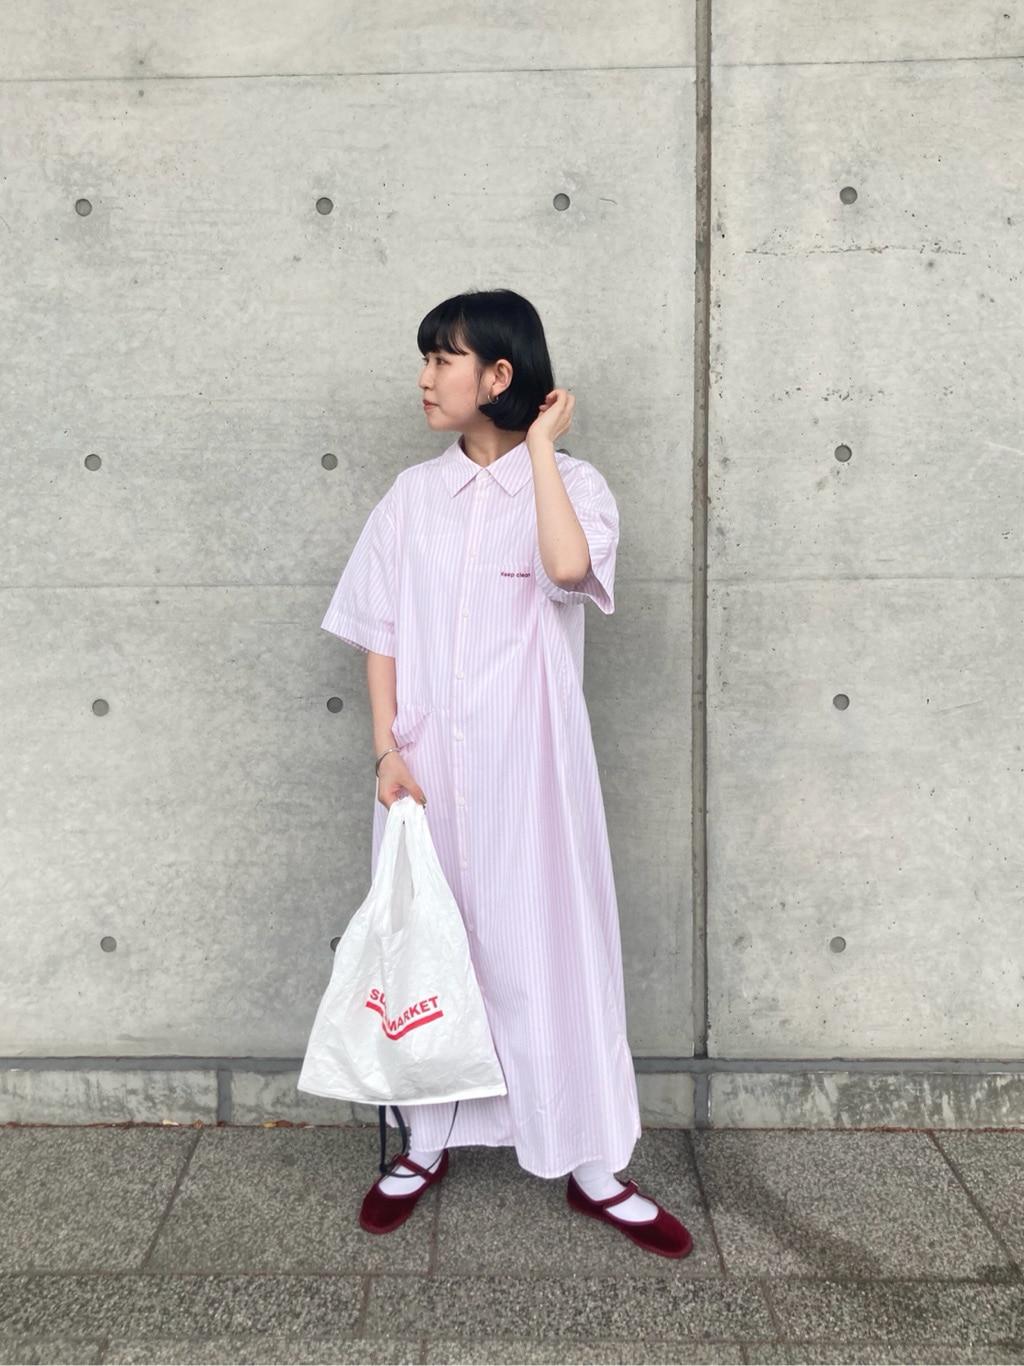 東京スカイツリータウン・ソラマチ 2021.05.20